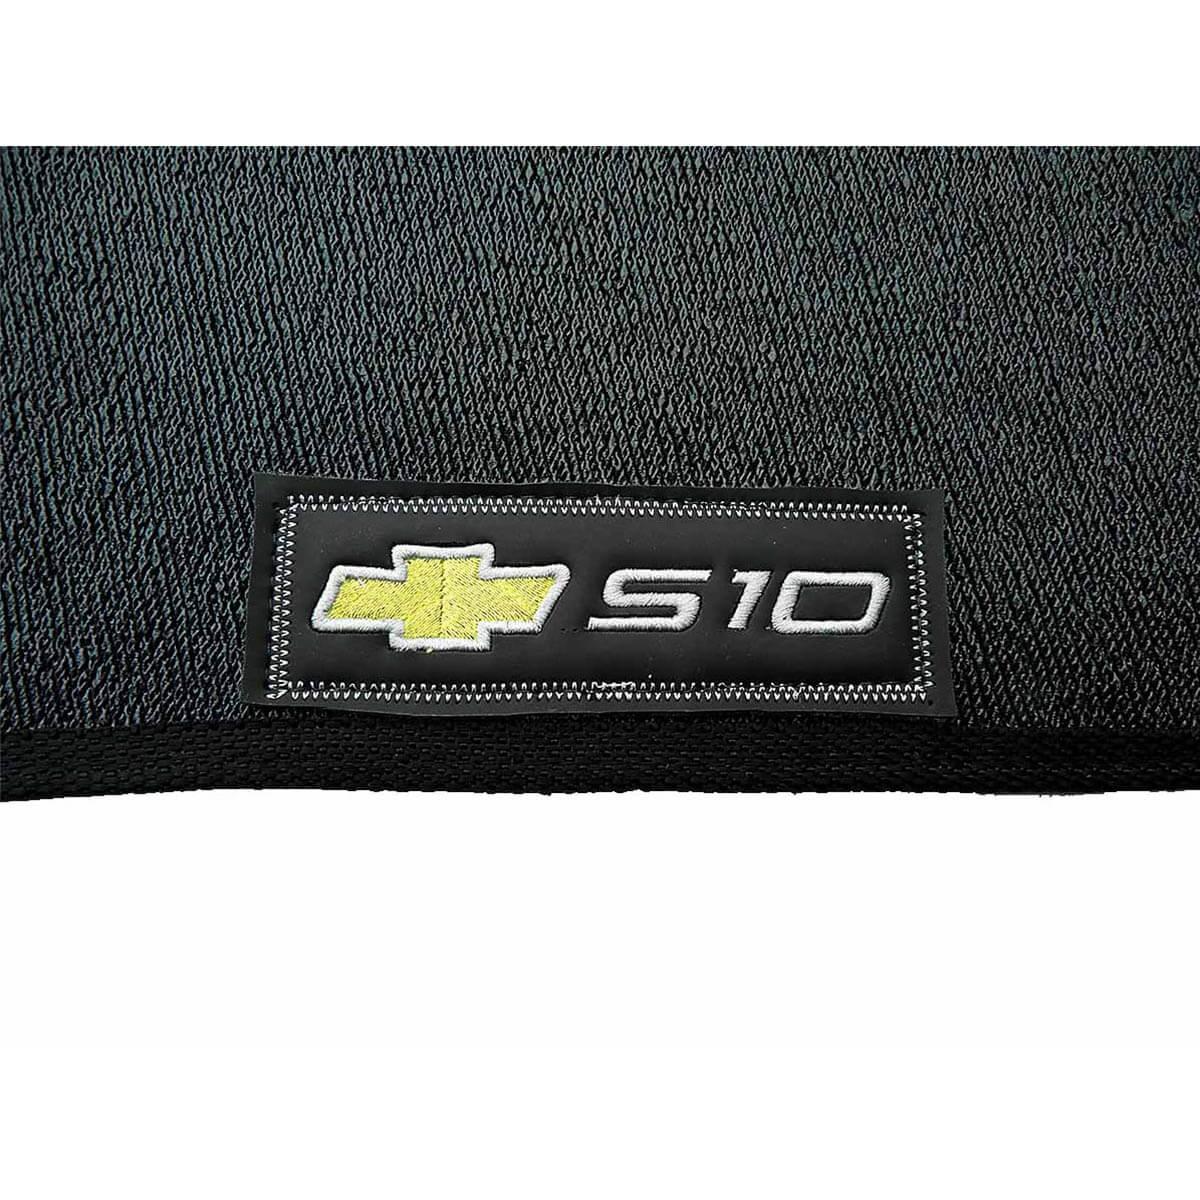 Tapete personalizado em PVC Nova S10 cabine dupla 2012 a 2018